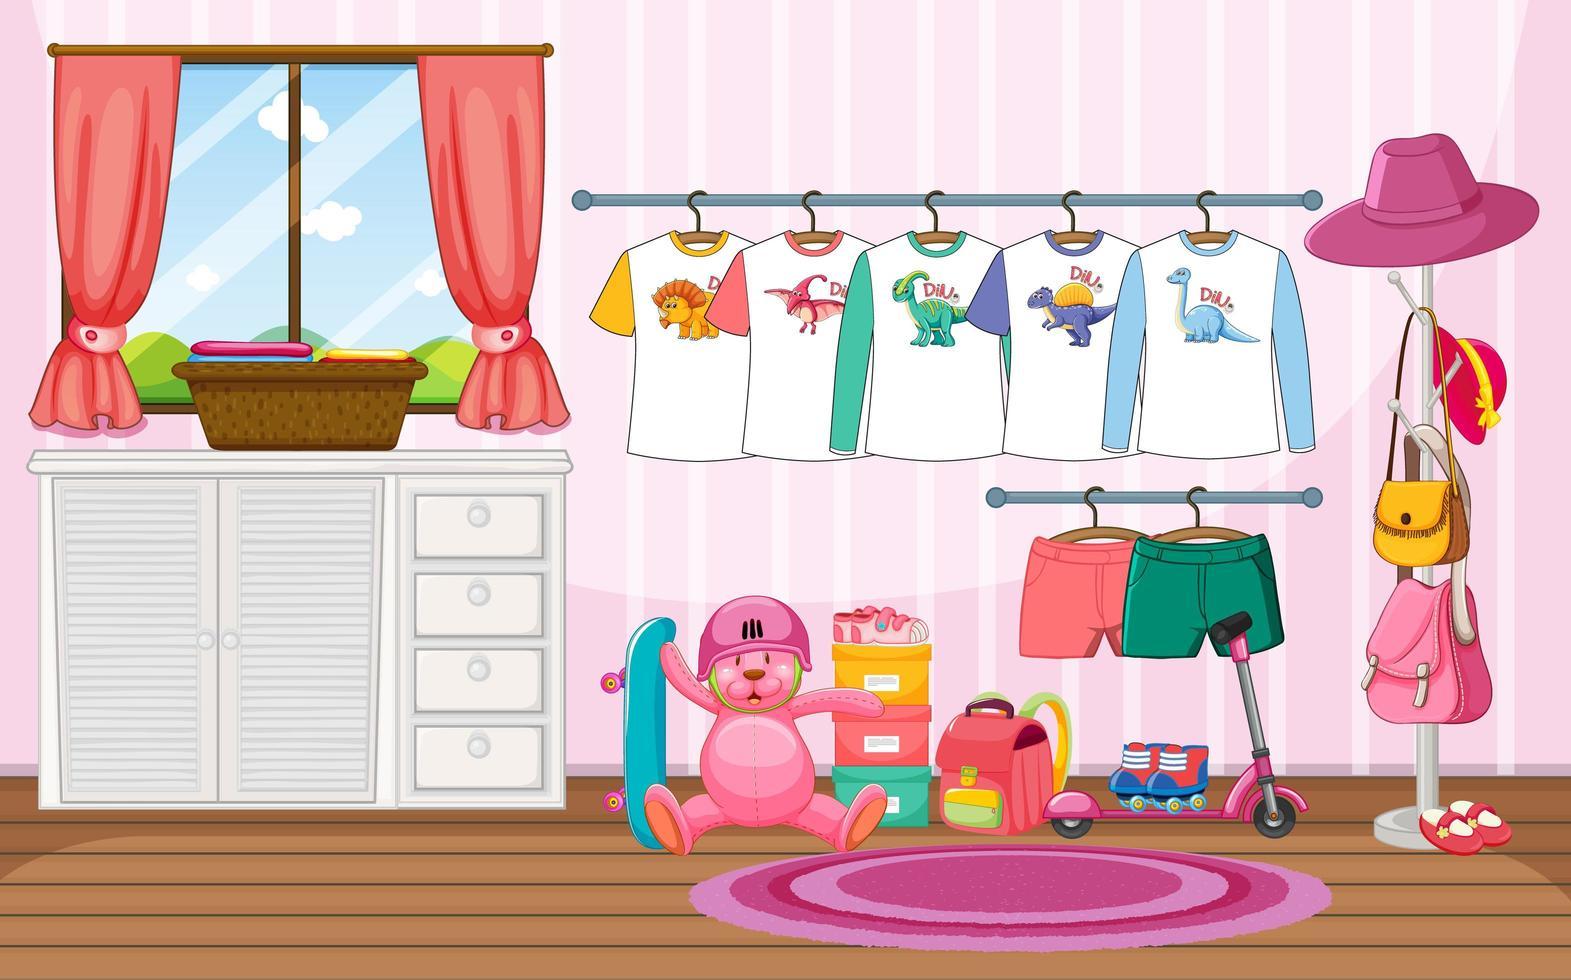 Vêtements pour enfants sur une corde à linge avec de nombreux jouets dans la scène de la pièce vecteur